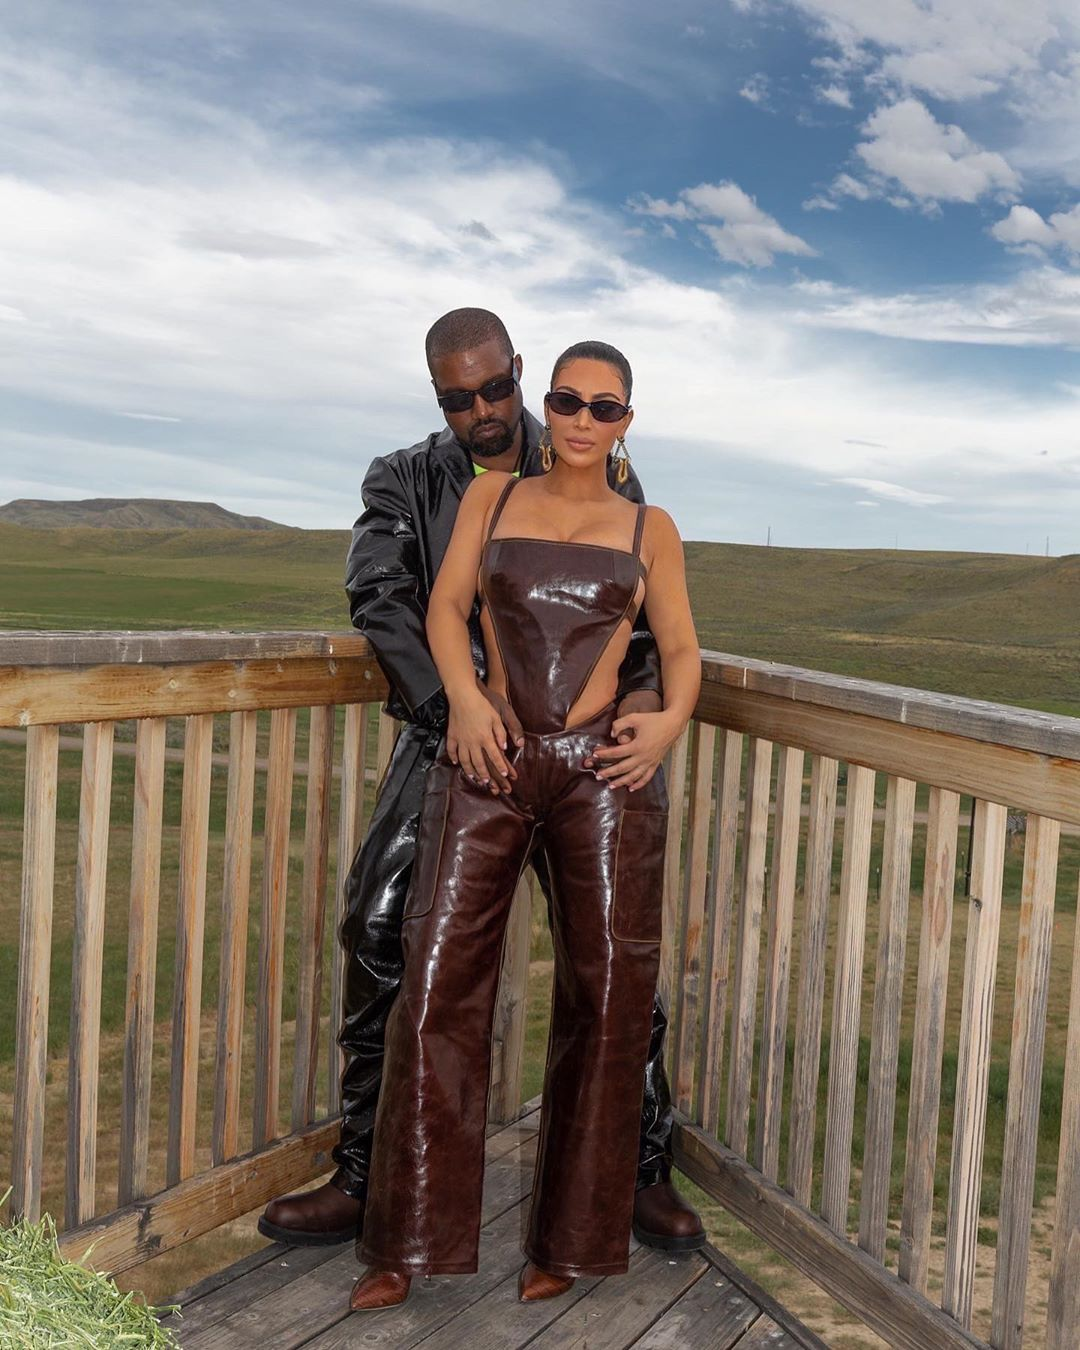 Kanye West recae en crisis bipolar tras anunciar que va por la presidencia